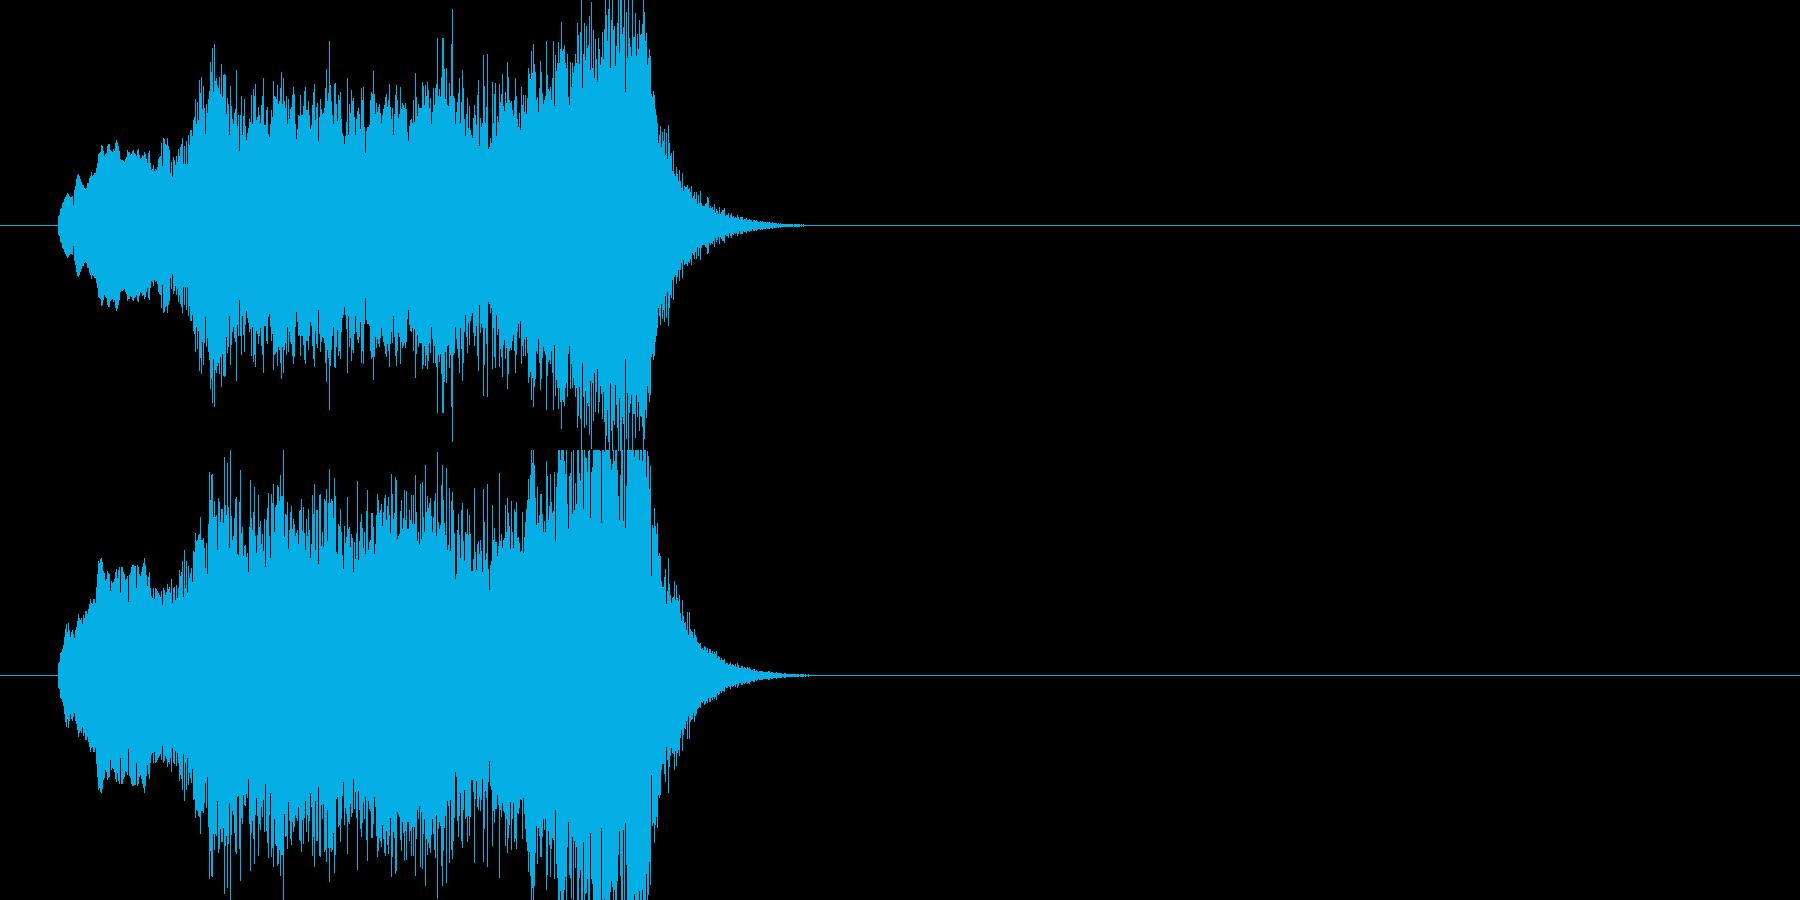 クラシックジングルの再生済みの波形